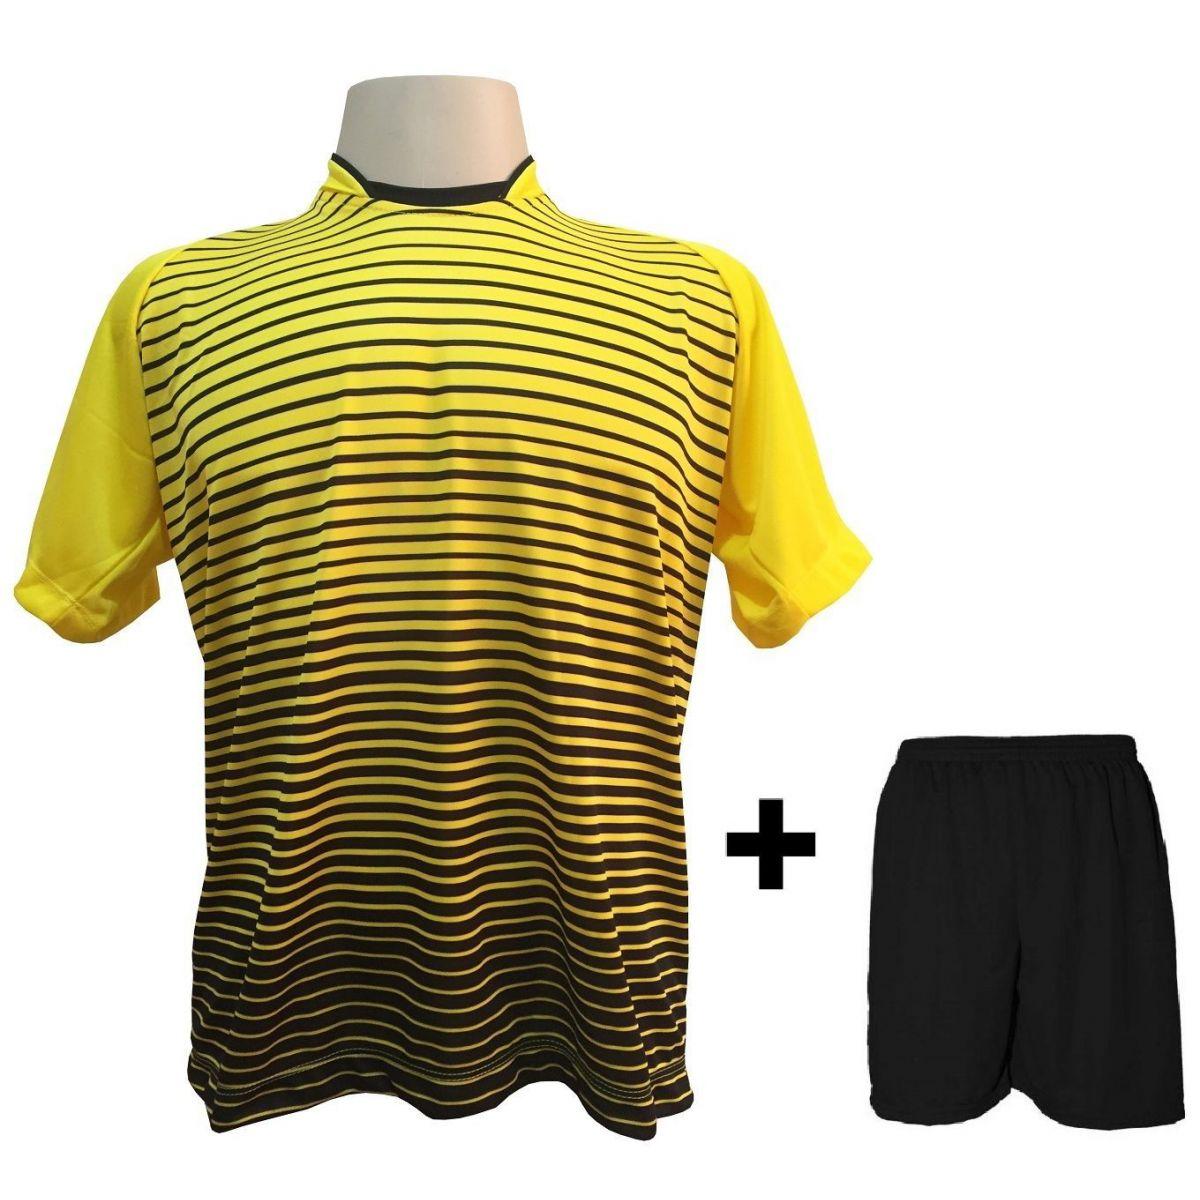 Uniforme Esportivo com 12 Camisas modelo City Amarelo/Preto + 12 Calções modelo Madrid Preto